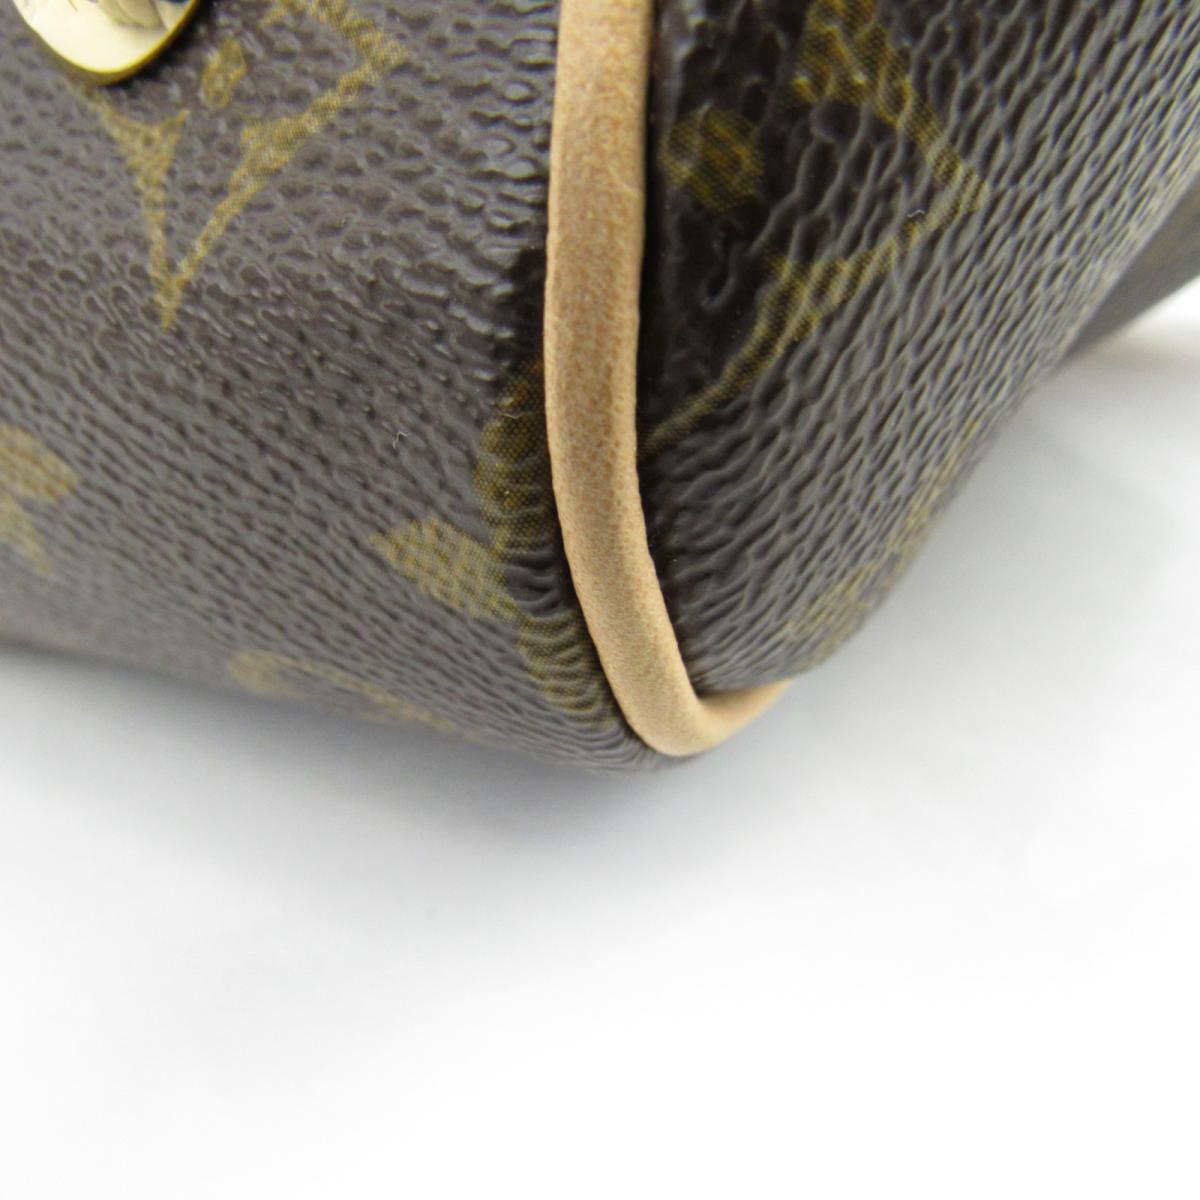 LOUIS VUITTON バッグ M40143 ティヴォリPM ハンドバッグ レディース